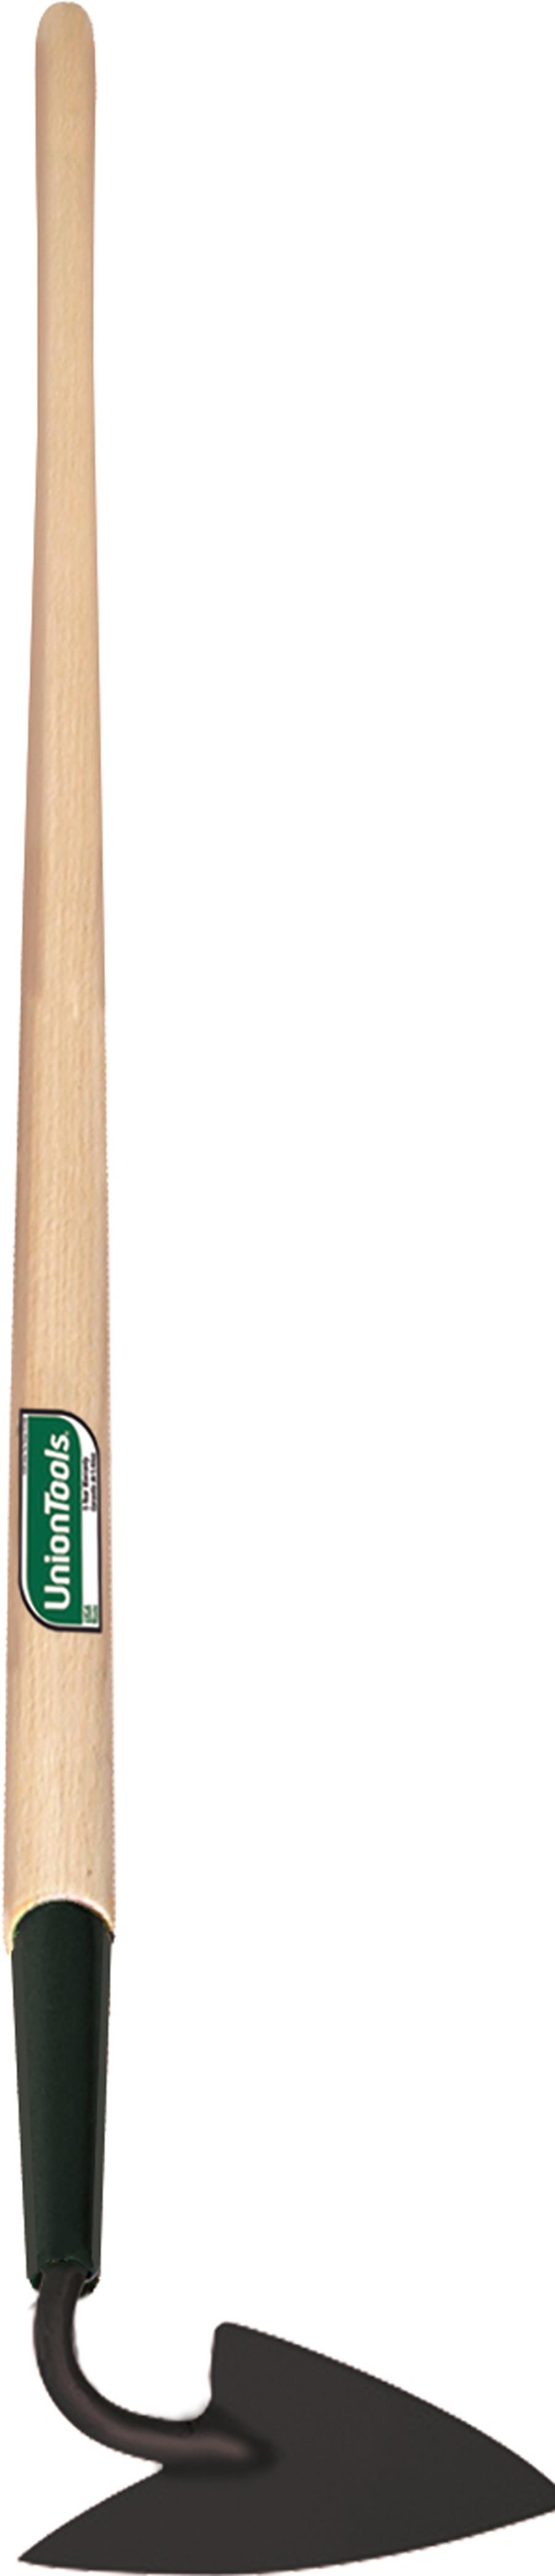 Union Tools Warren Hoe with 48in Wood Handle 6ea